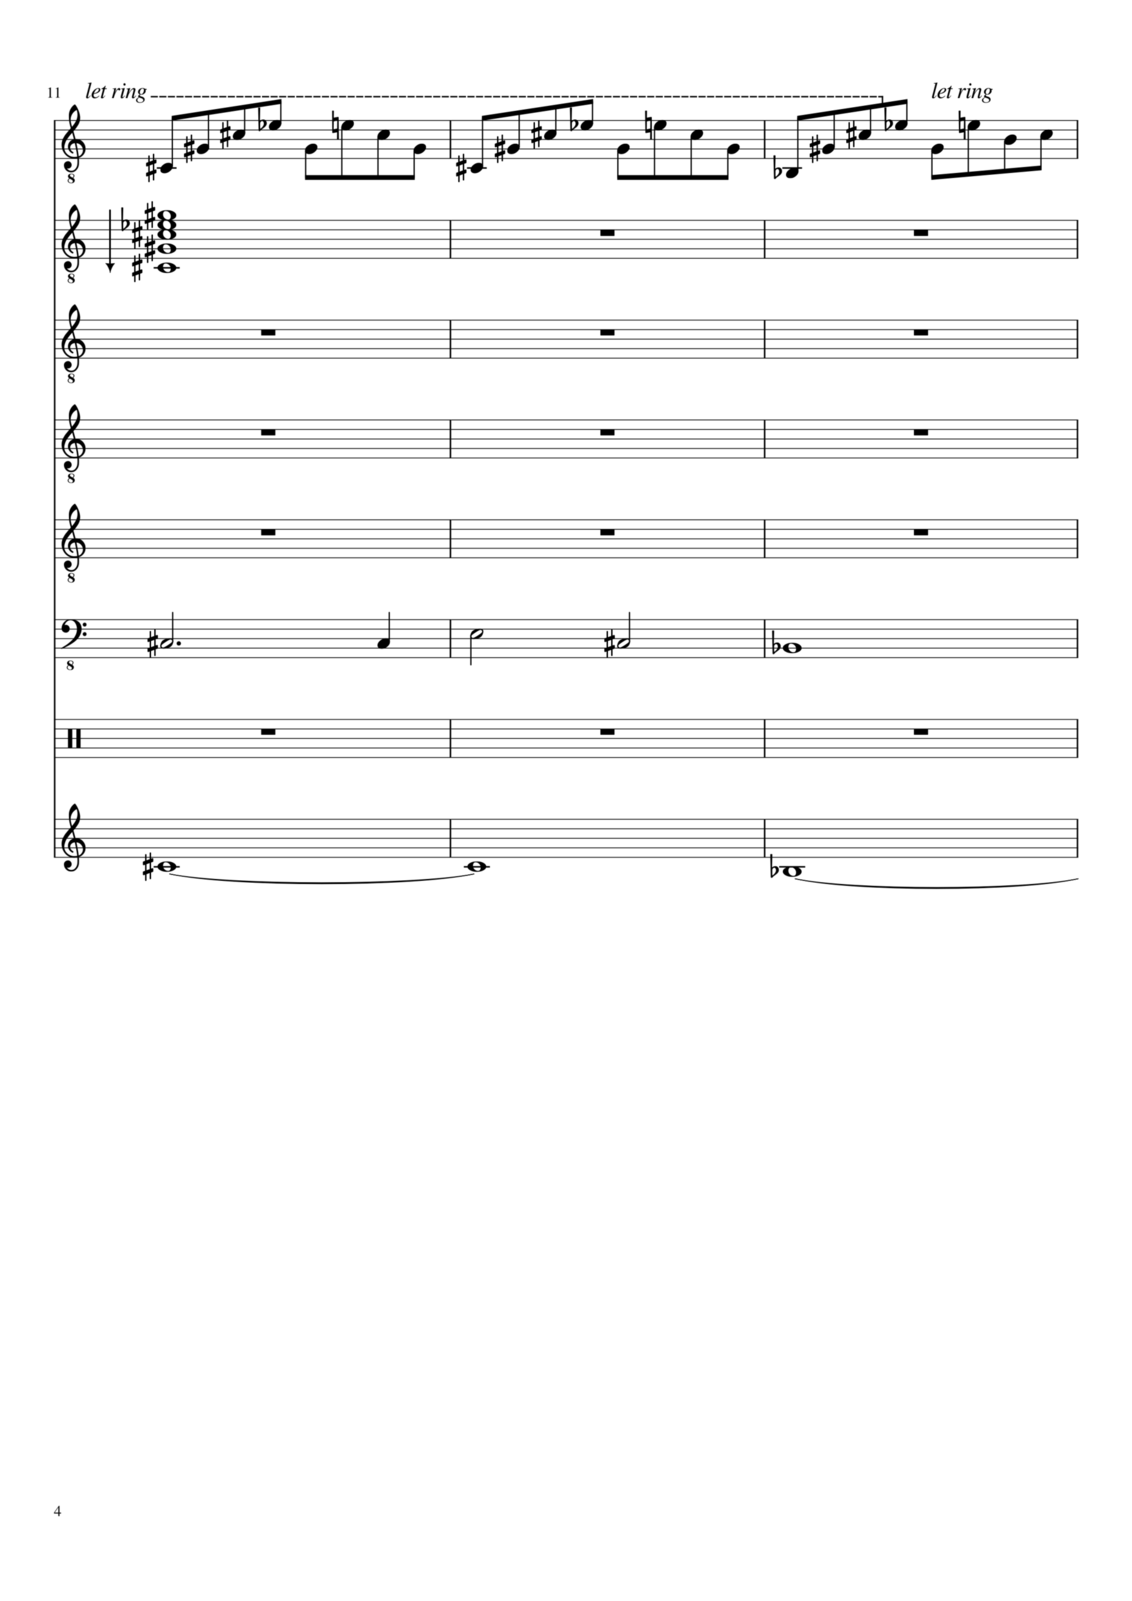 Vyibor Est slide, Image 4